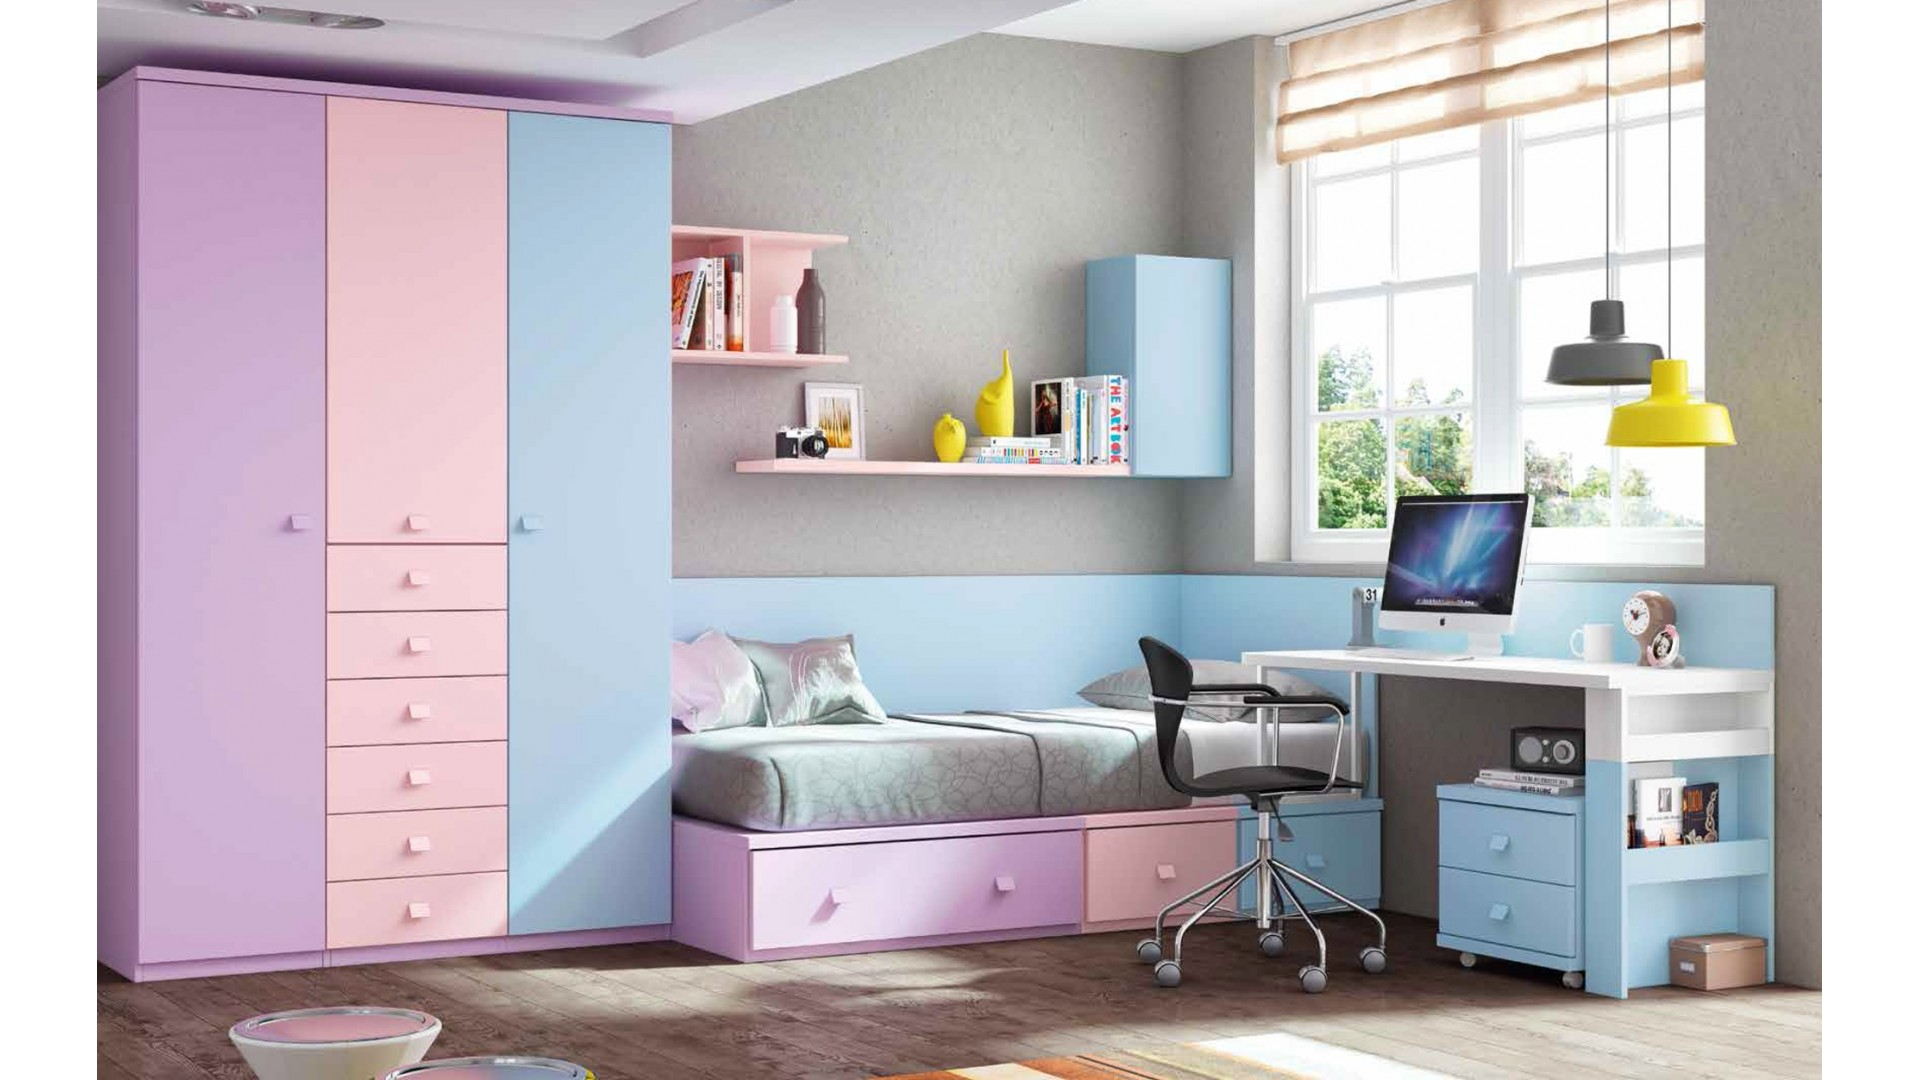 Chambre de fille ado PERSONNALISABLE F150 - GLICERIO